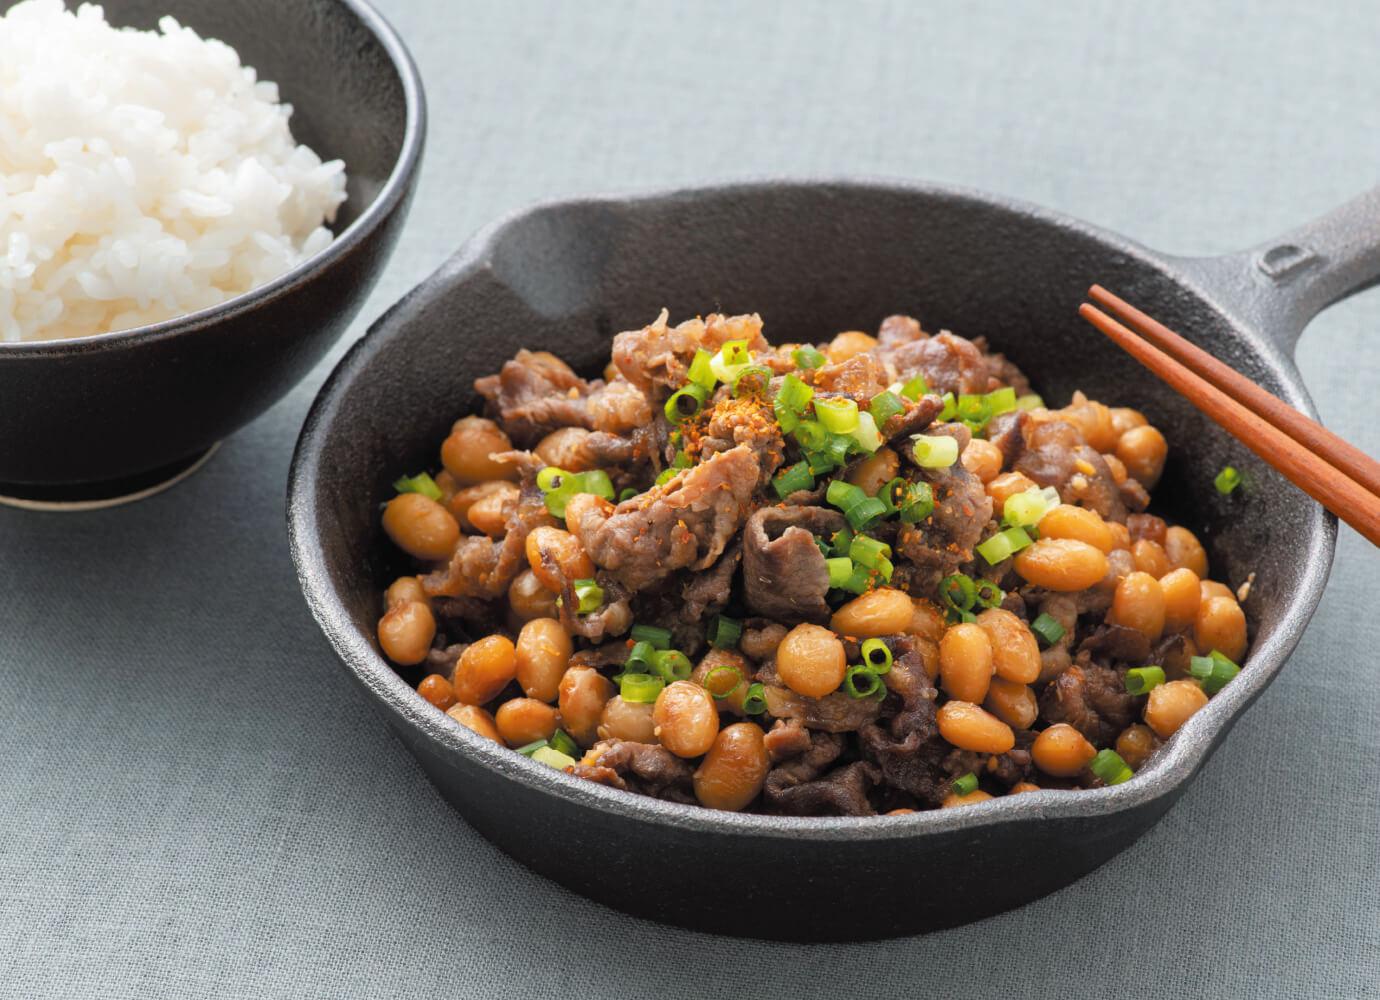 大豆と牛肉のスタミナ炒め<span>(2人分)</span>